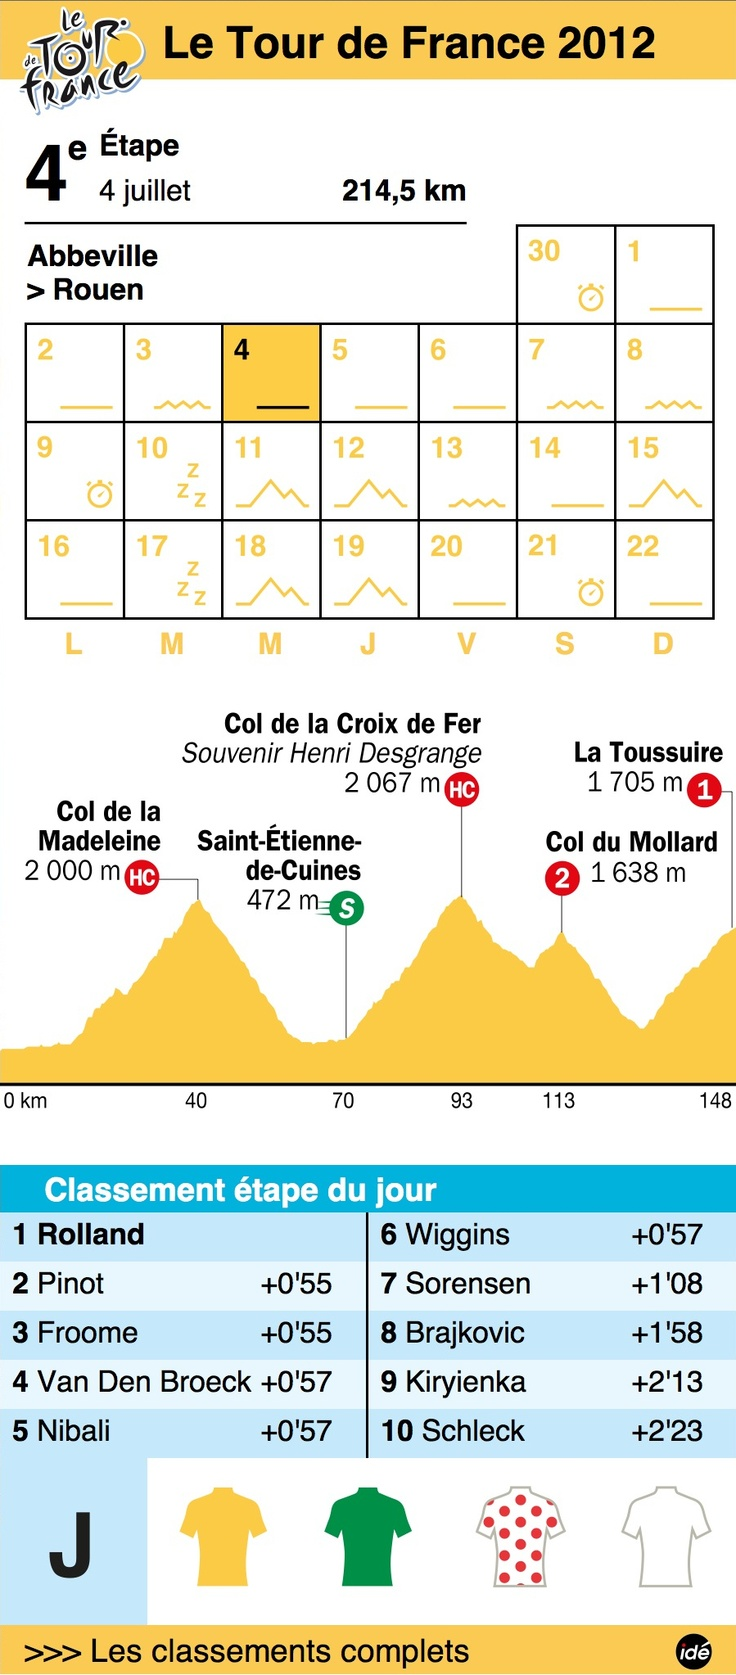 Widget calendrier / résultats Tour de France 2012 - Sud Ouest